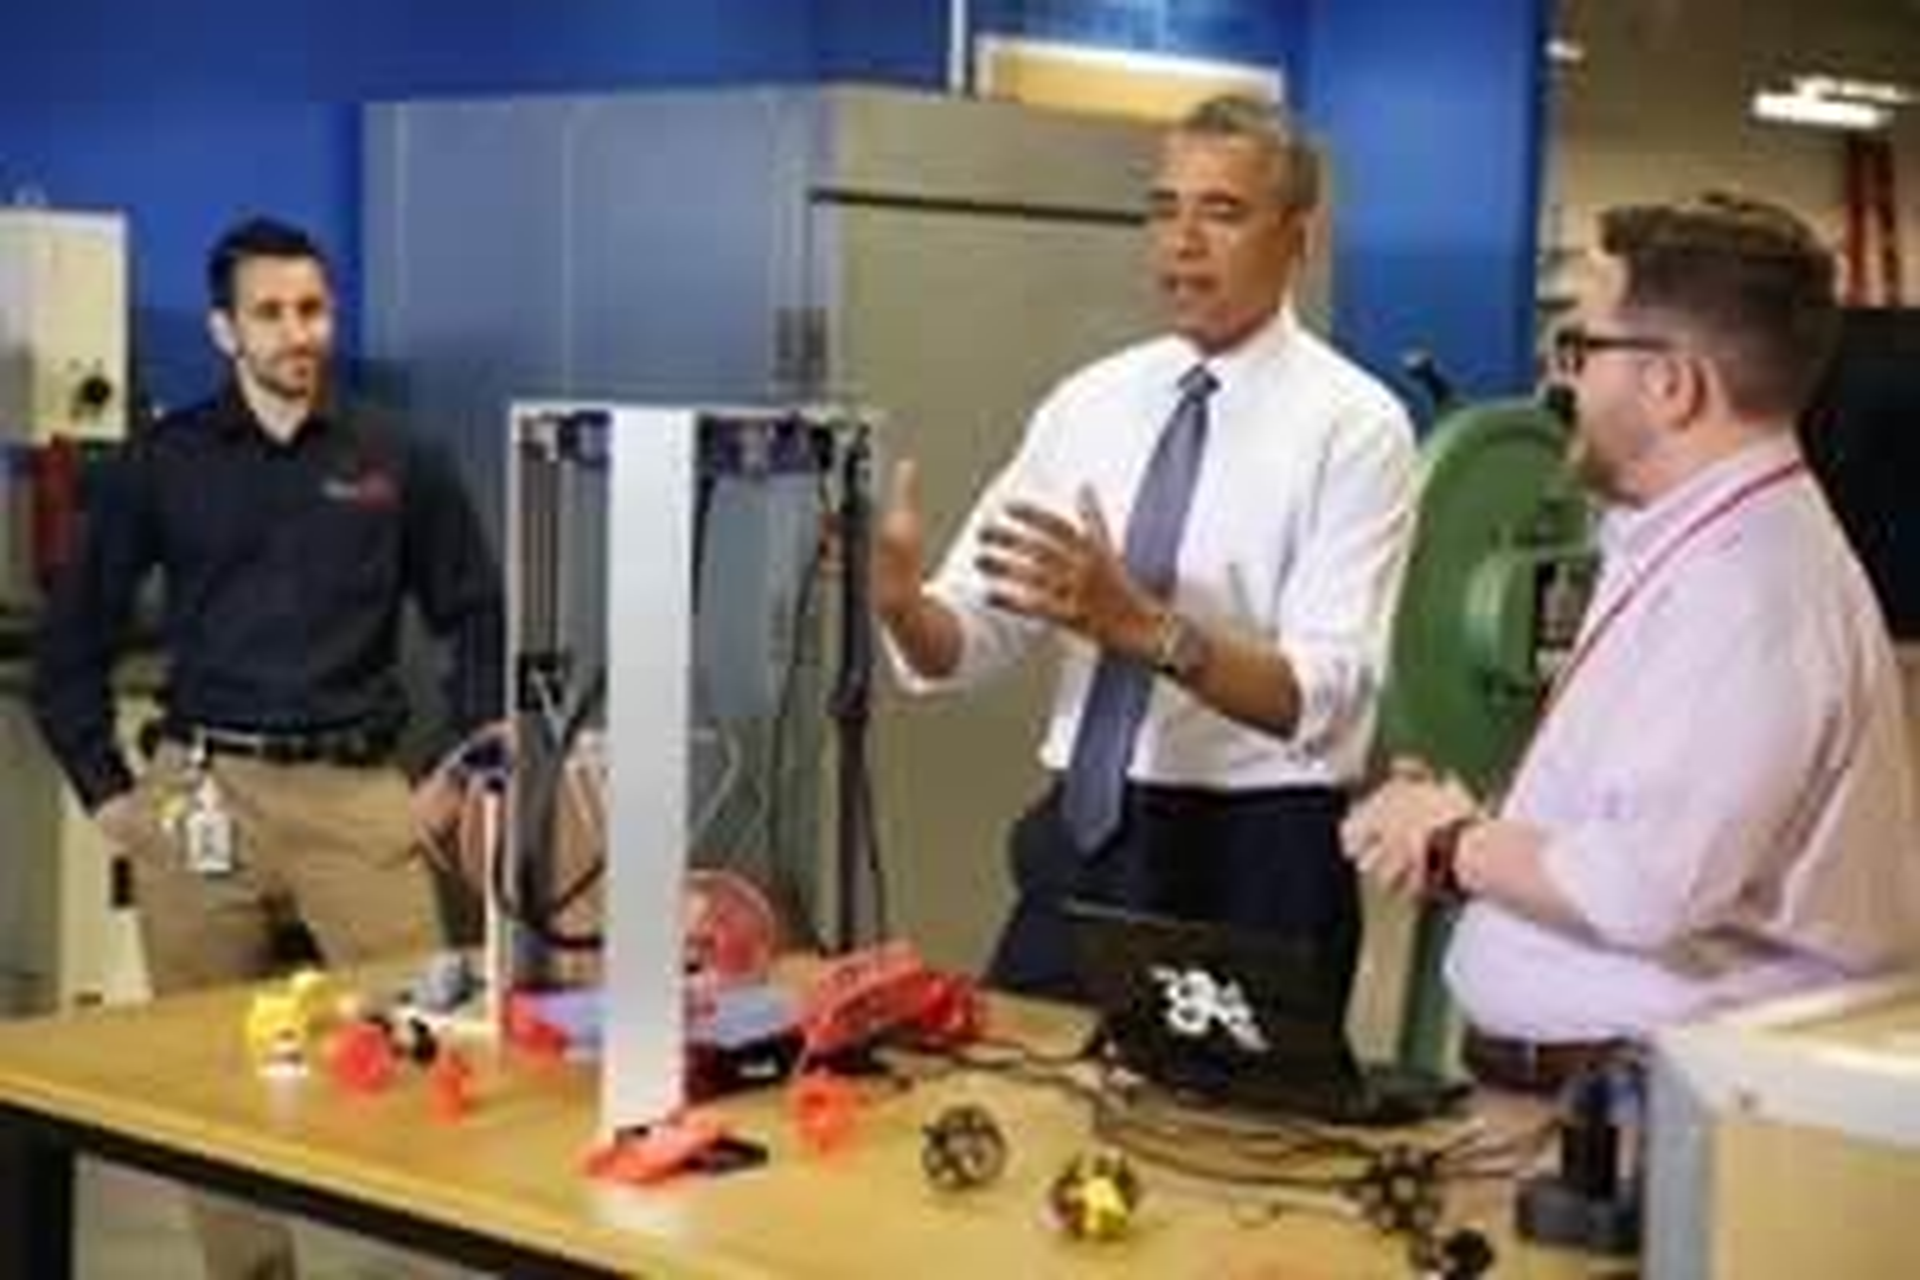 Kostenloses 3D-Drucker Beispielteil von HP bestellen (versandkostenfrei)